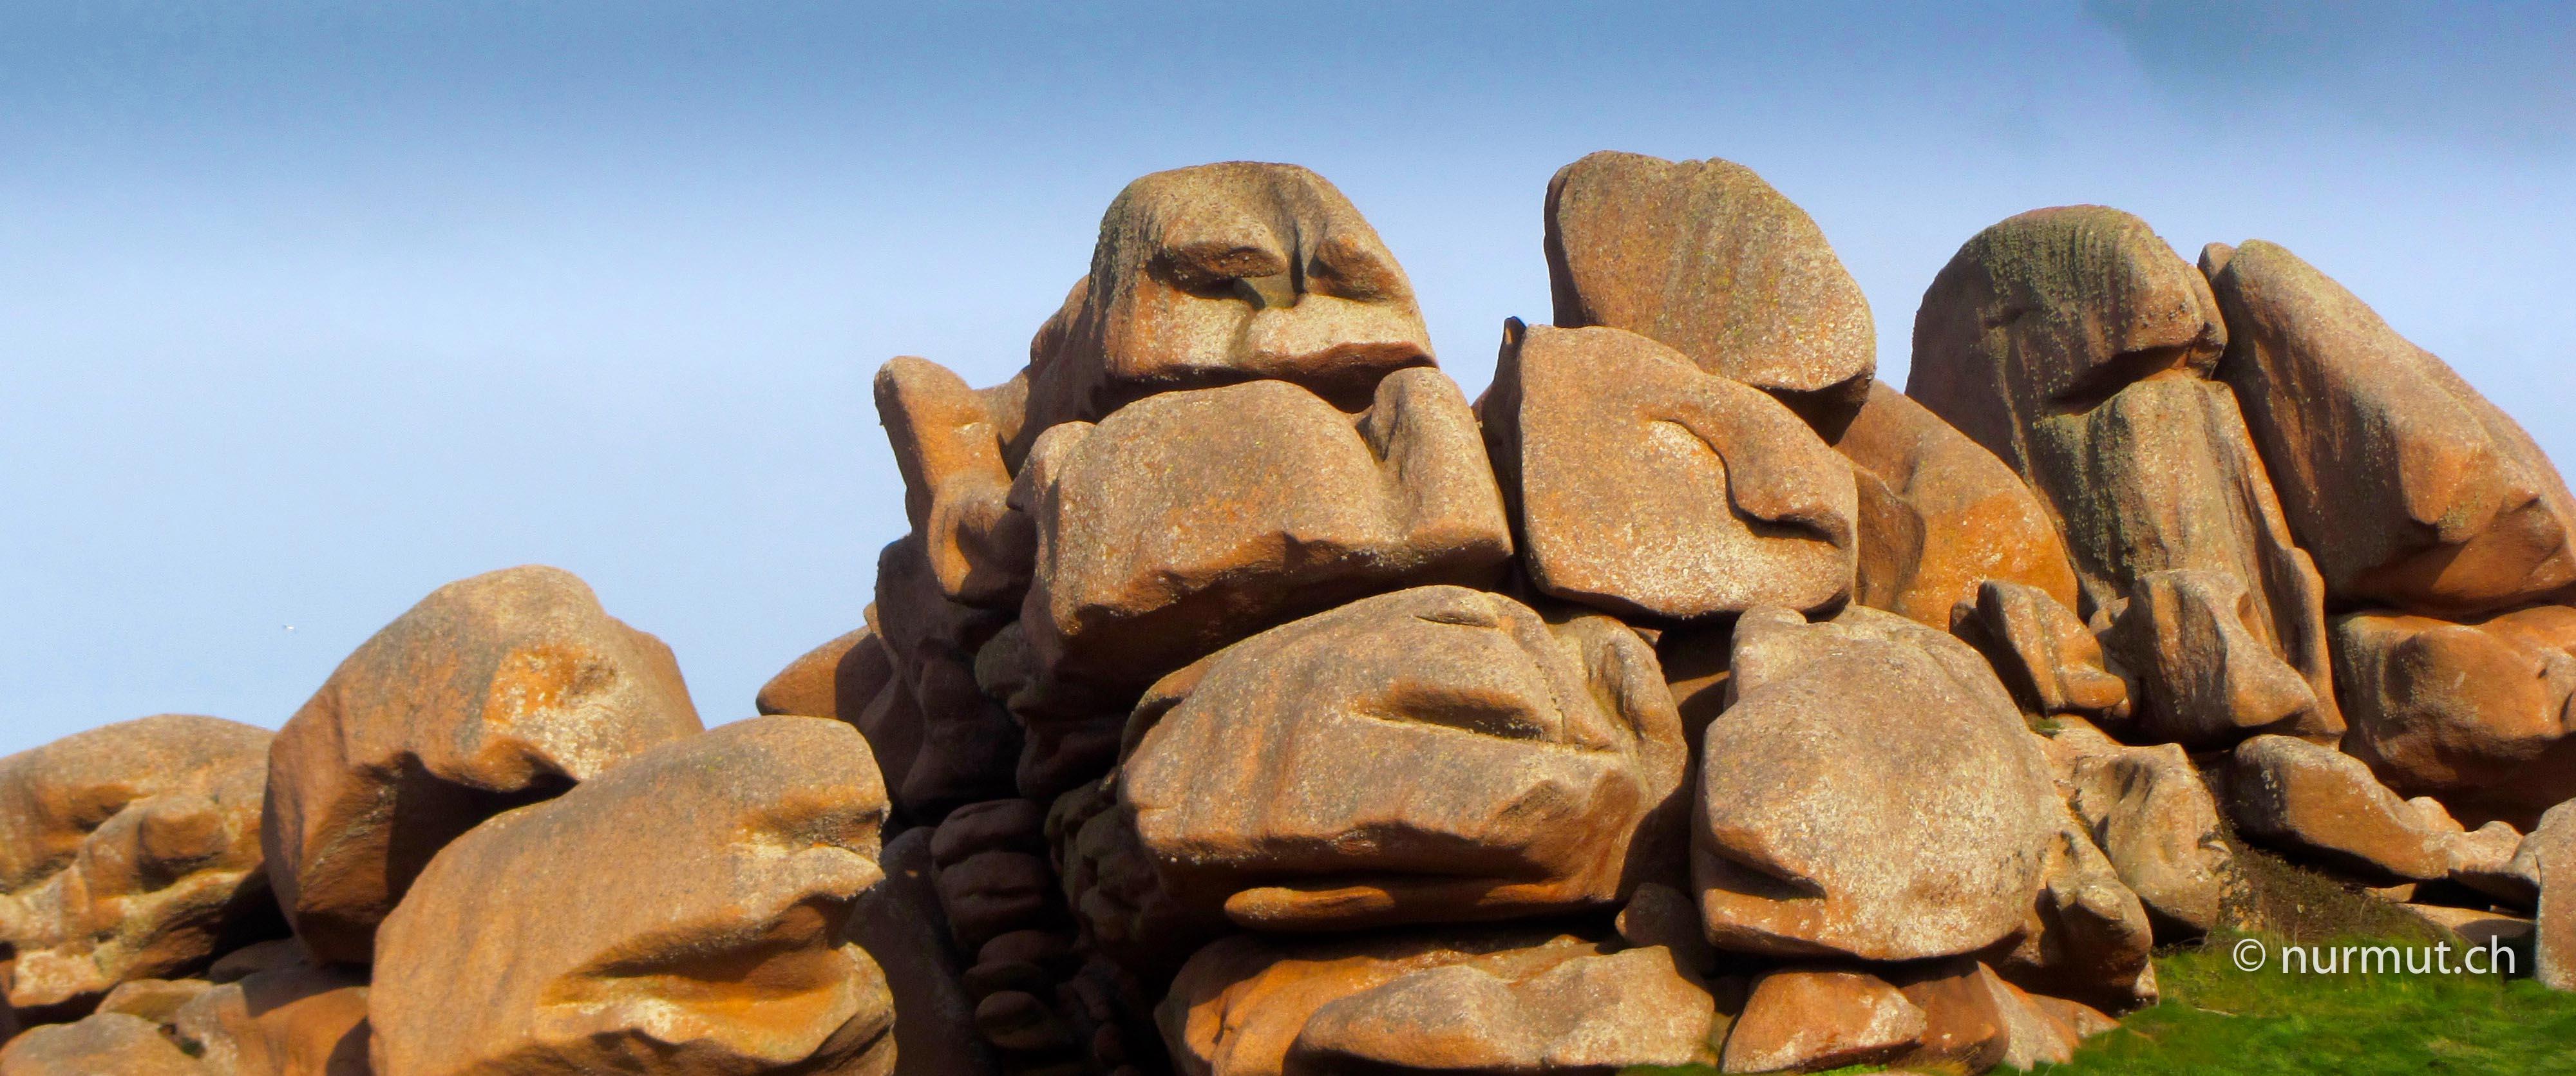 Bretagne-im-Winter-mit Wohnmobil-und-Hund-Côte-Granit-Rose-Felsen